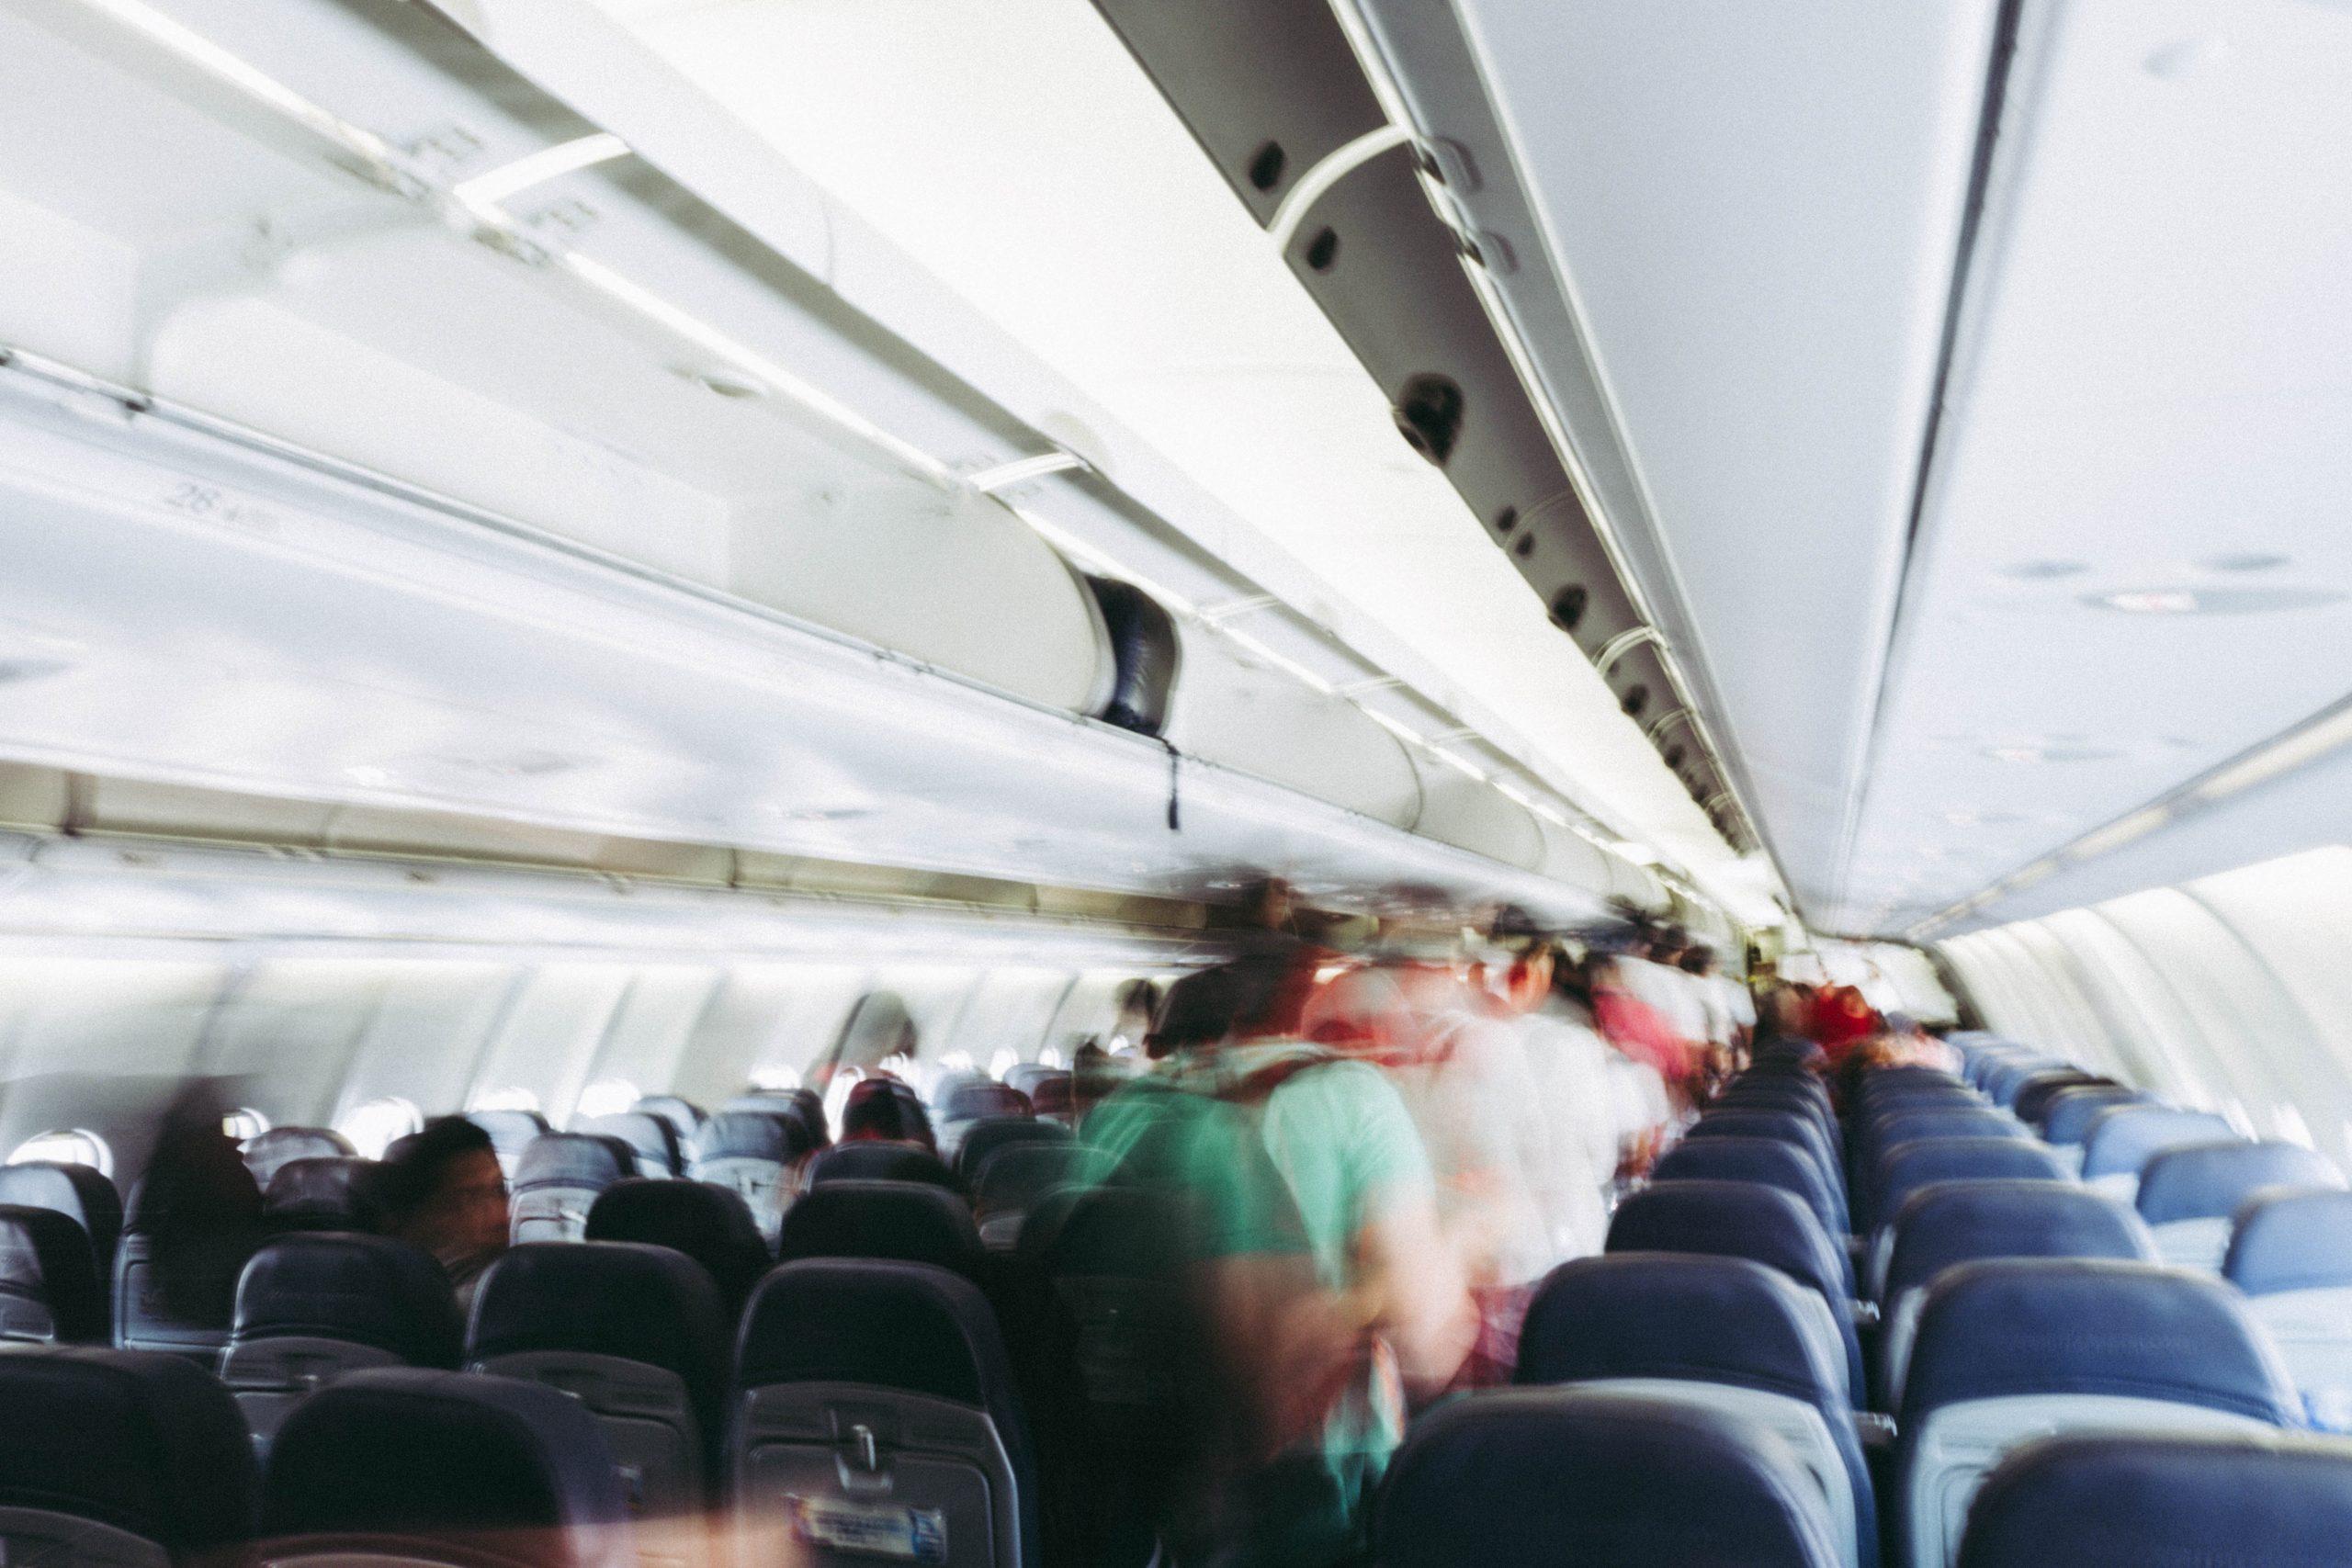 Op vliegvakantie? Zo zorg je voor een gezonde reis